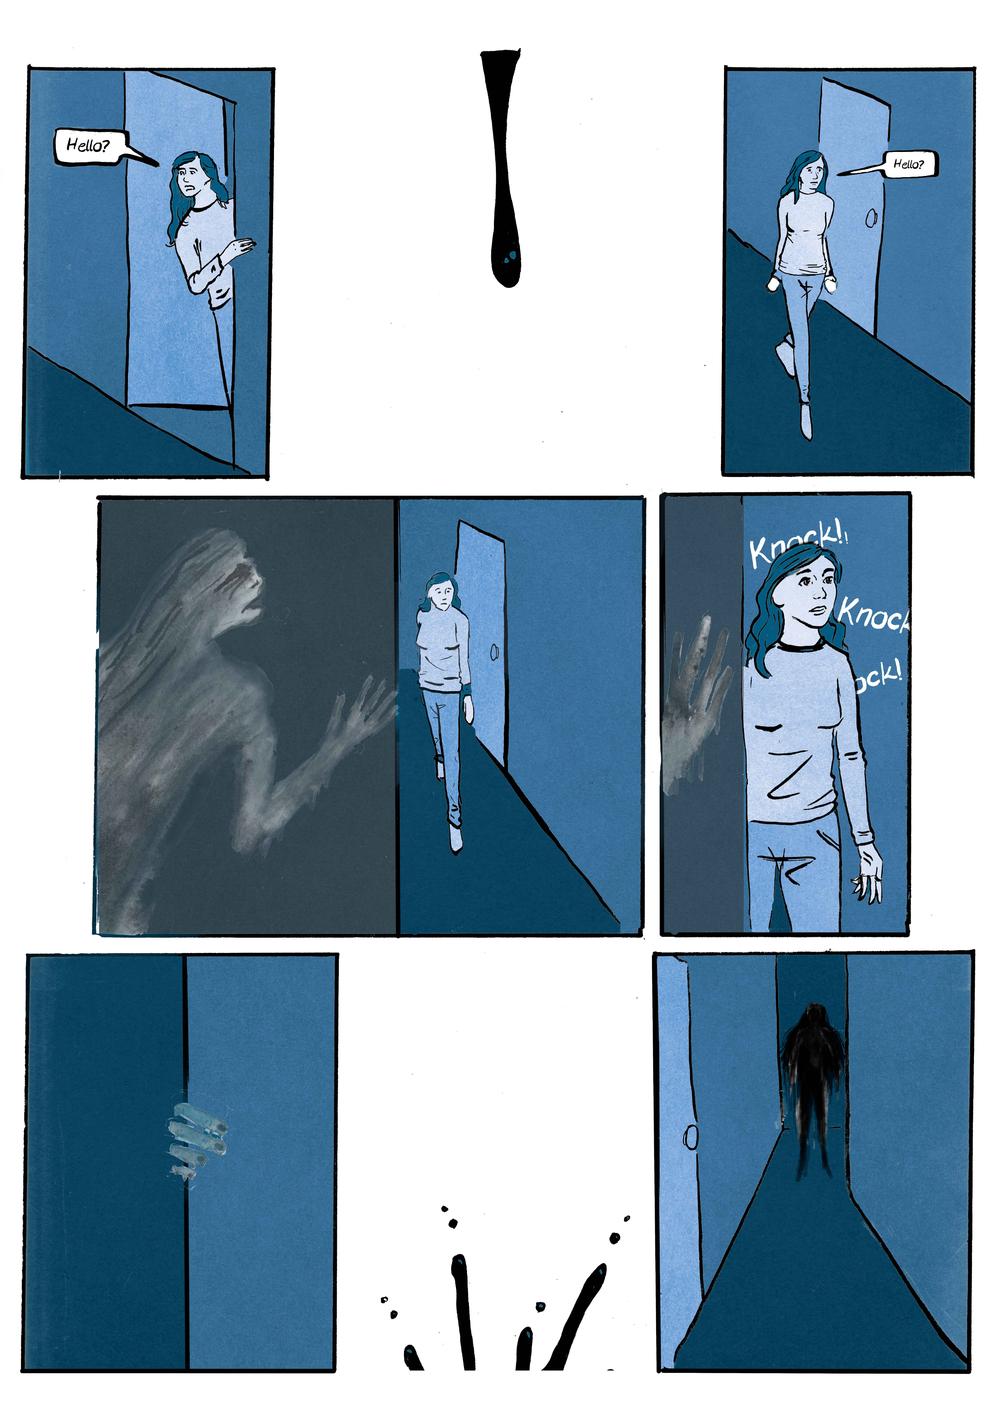 ghosty3.jpg